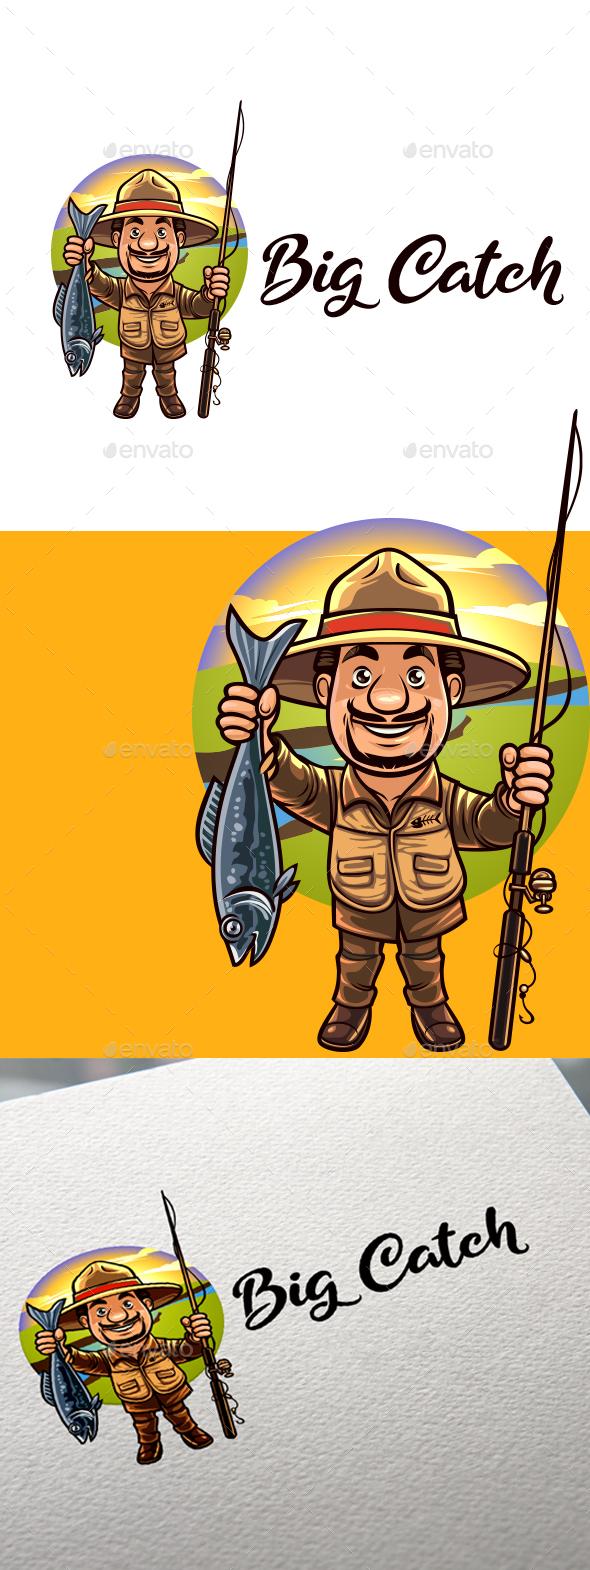 Cartoon Old Angler Character Mascot Logo